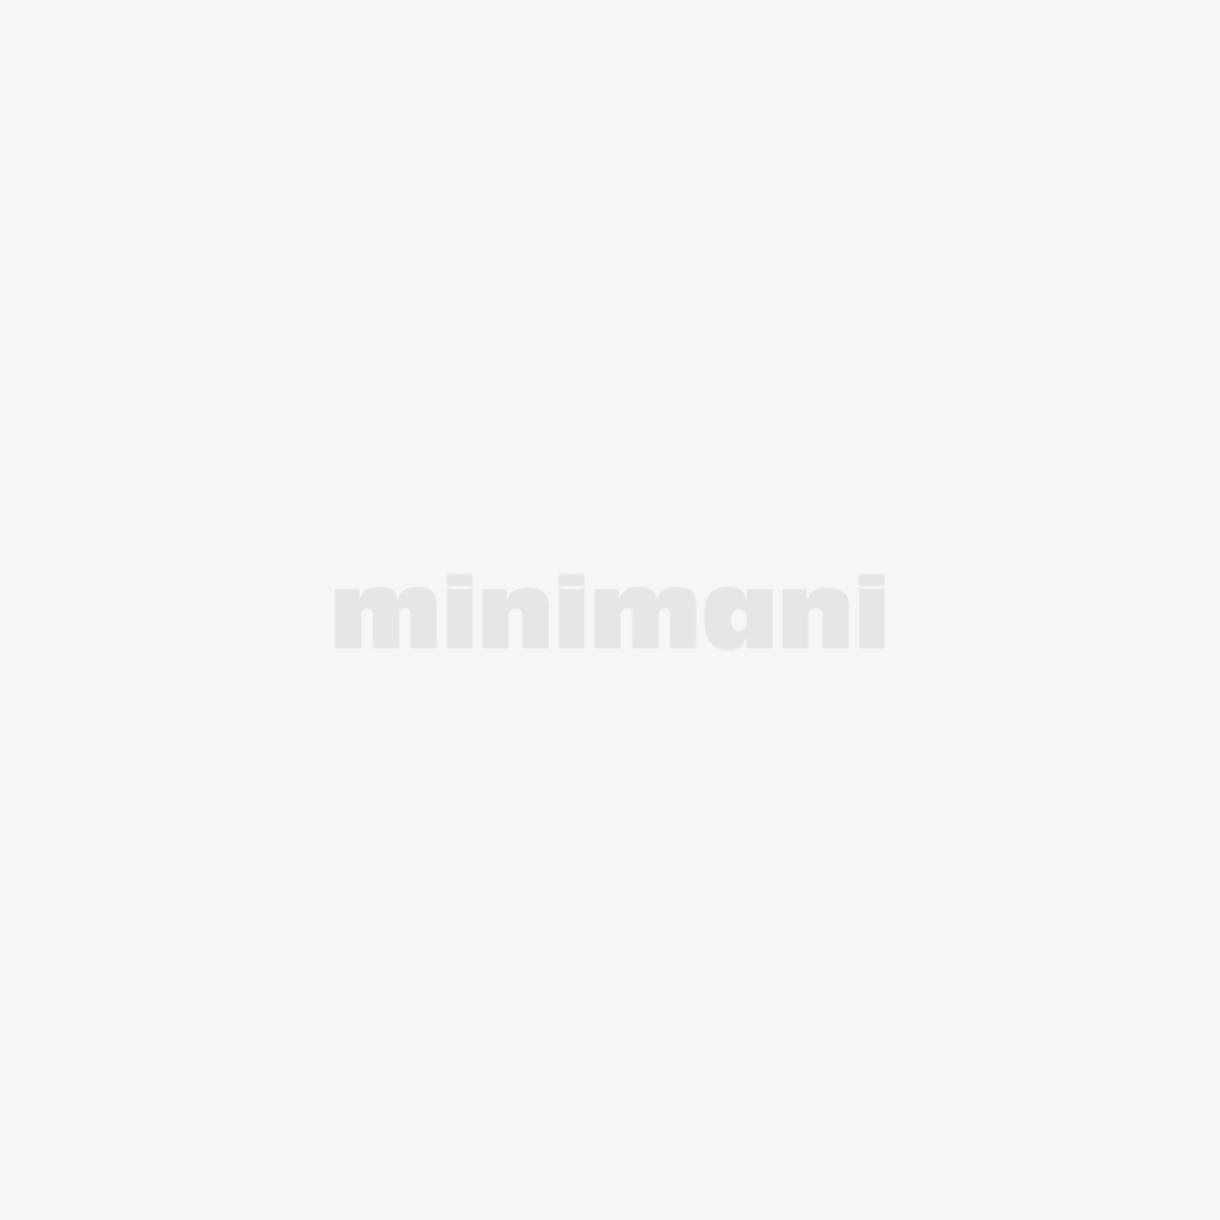 JOEL AAZ729801 PUHELINJATKOJOHTO MINI/MINI 10M